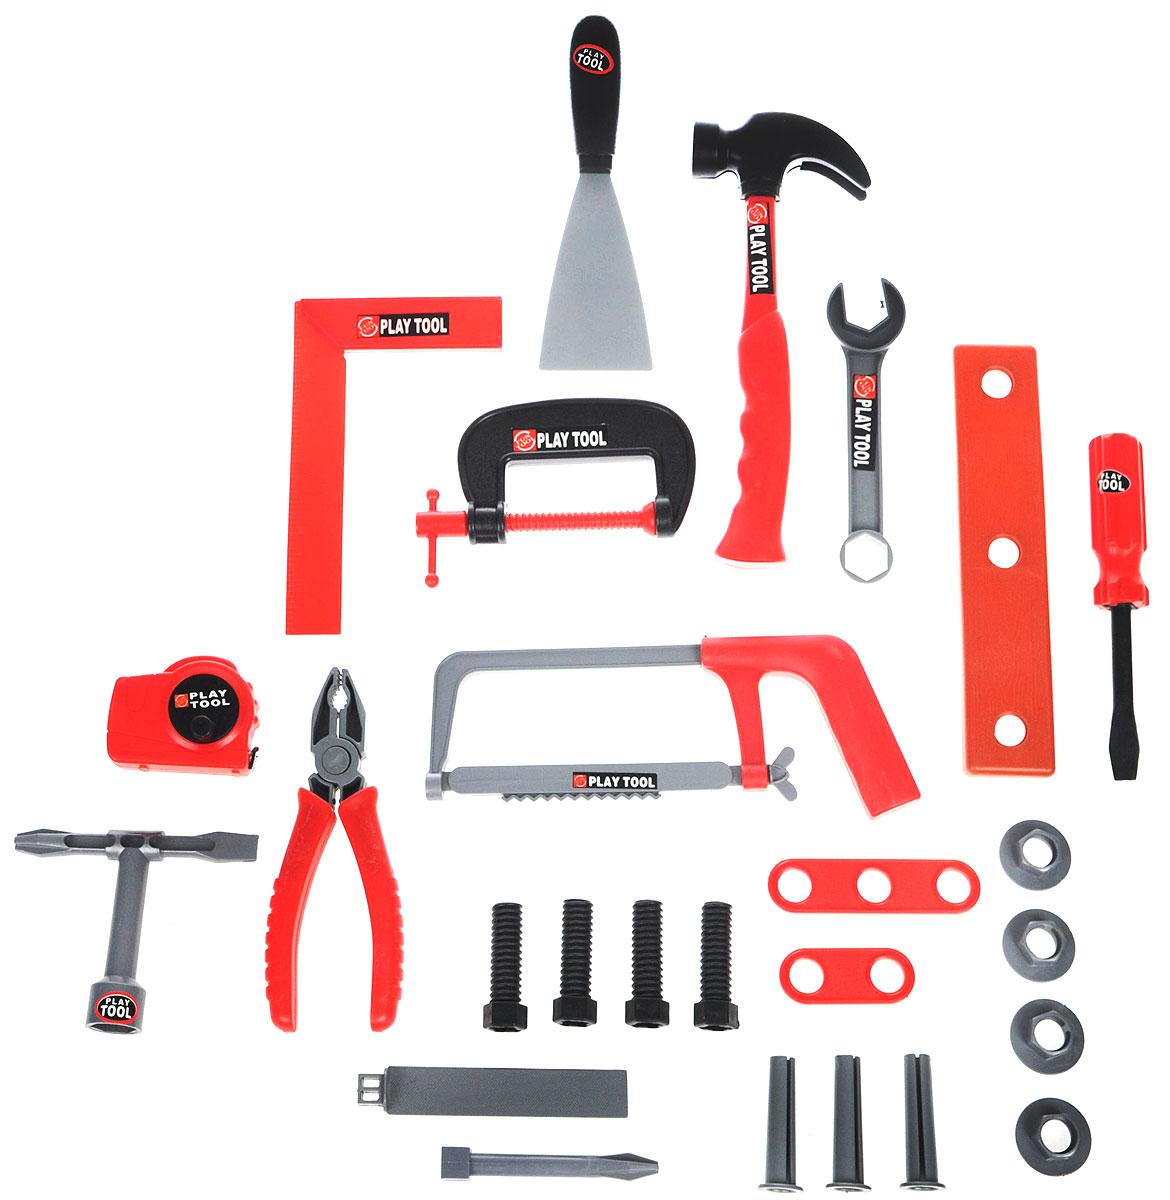 Altacto Игровой набор инструментов ВерстакALT0202-010Игровой набор инструментов Altacto Верстак станет отличным подарком для маленького мастера. В наборе имеется все, что может пригодиться юному строителю: молоток, гаечный ключ, 2 отвертки, струбцина, угольник, шпатель, ножовка, плоскогубцы, рулетка, напильник, различные скобяные изделия. Малыш сможет отремонтировать игрушки и устранить все неисправности в доме, помогая папе. Игры с этим набором способствуют развитию воображения и познавательного мышления. Все инструменты аккуратно складываются в специальный верстак-стульчик. Набор удобно хранить и переносить.